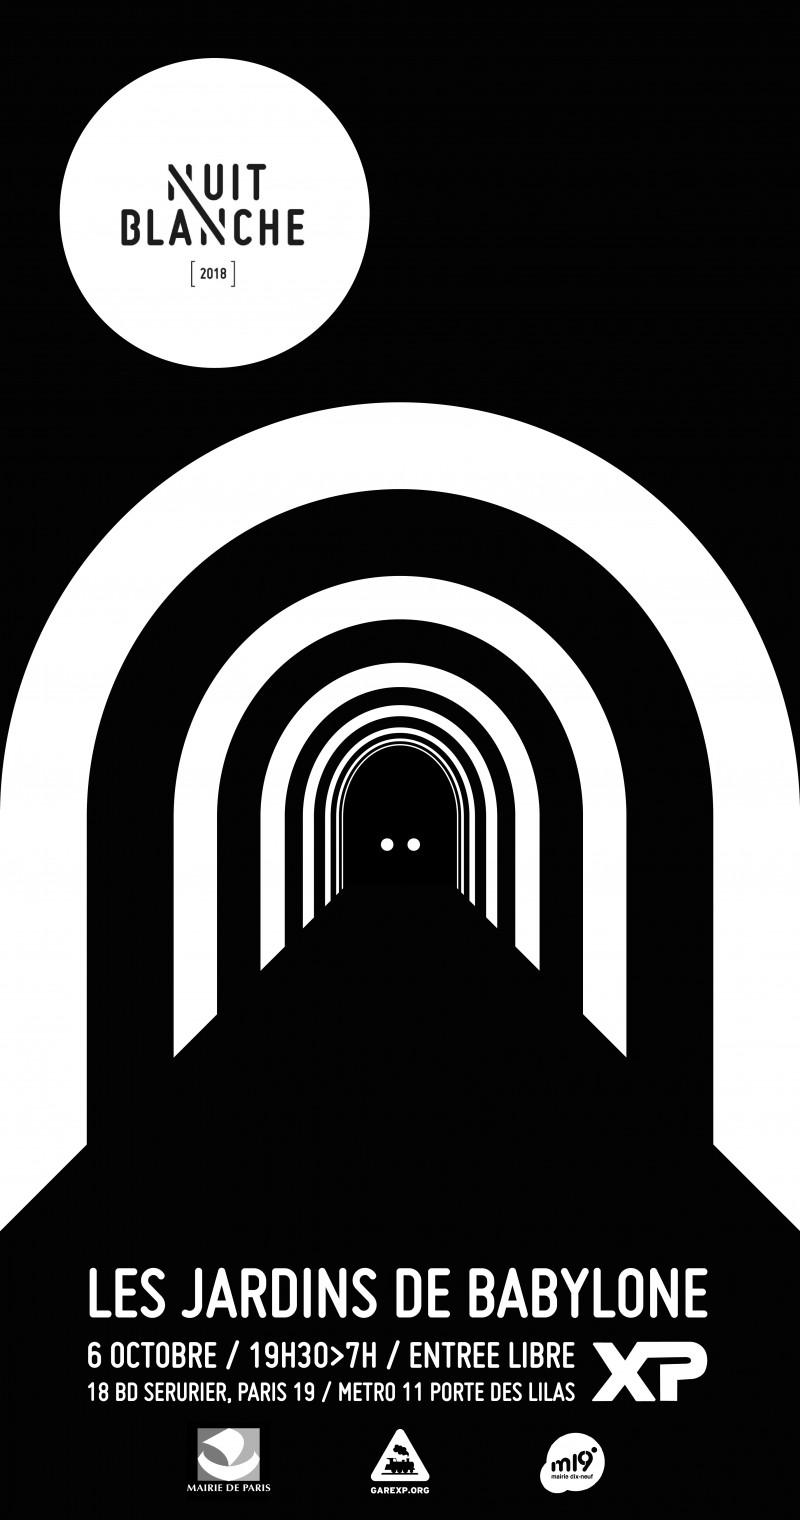 affiche-nuit-blanche-2018-gare-xp-f9804e2f214be20ba842ee28e7564d18